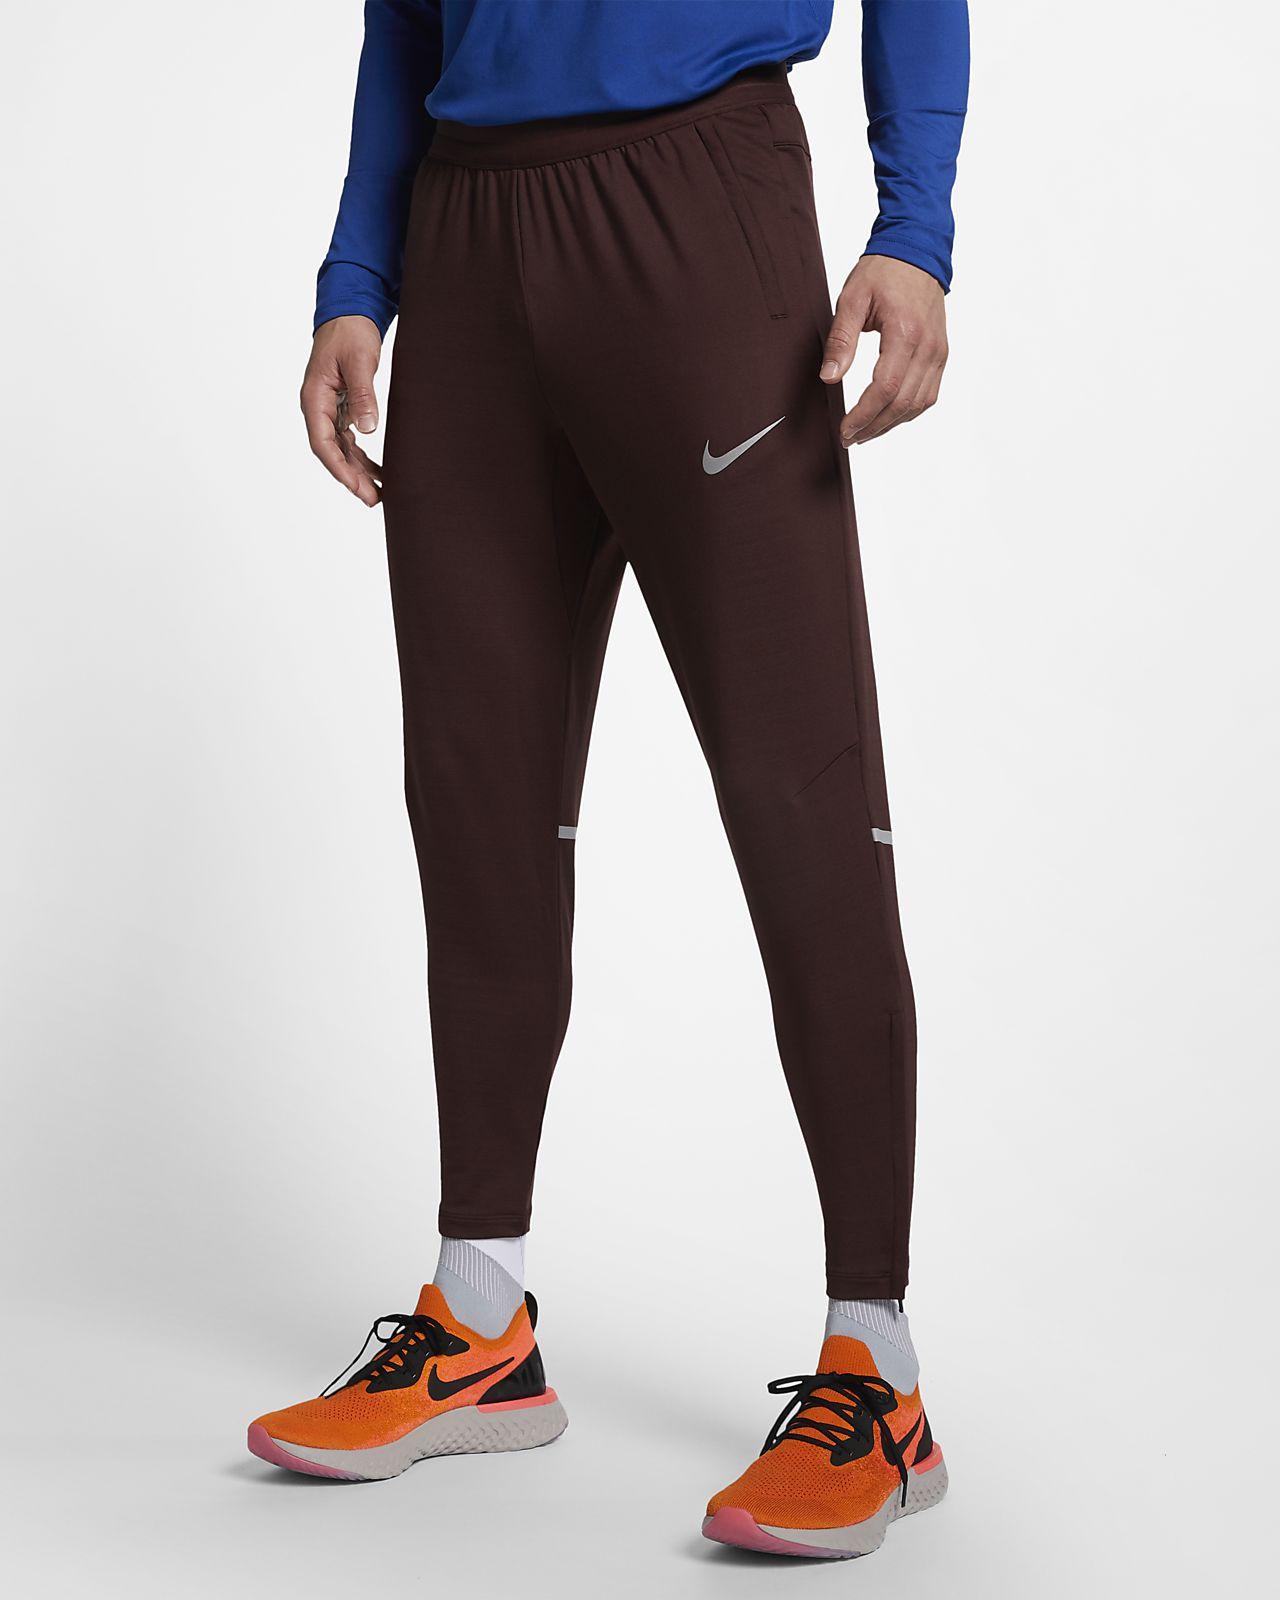 466de29e8 Pantalon de running Nike Phenom pour Homme. Nike.com FR